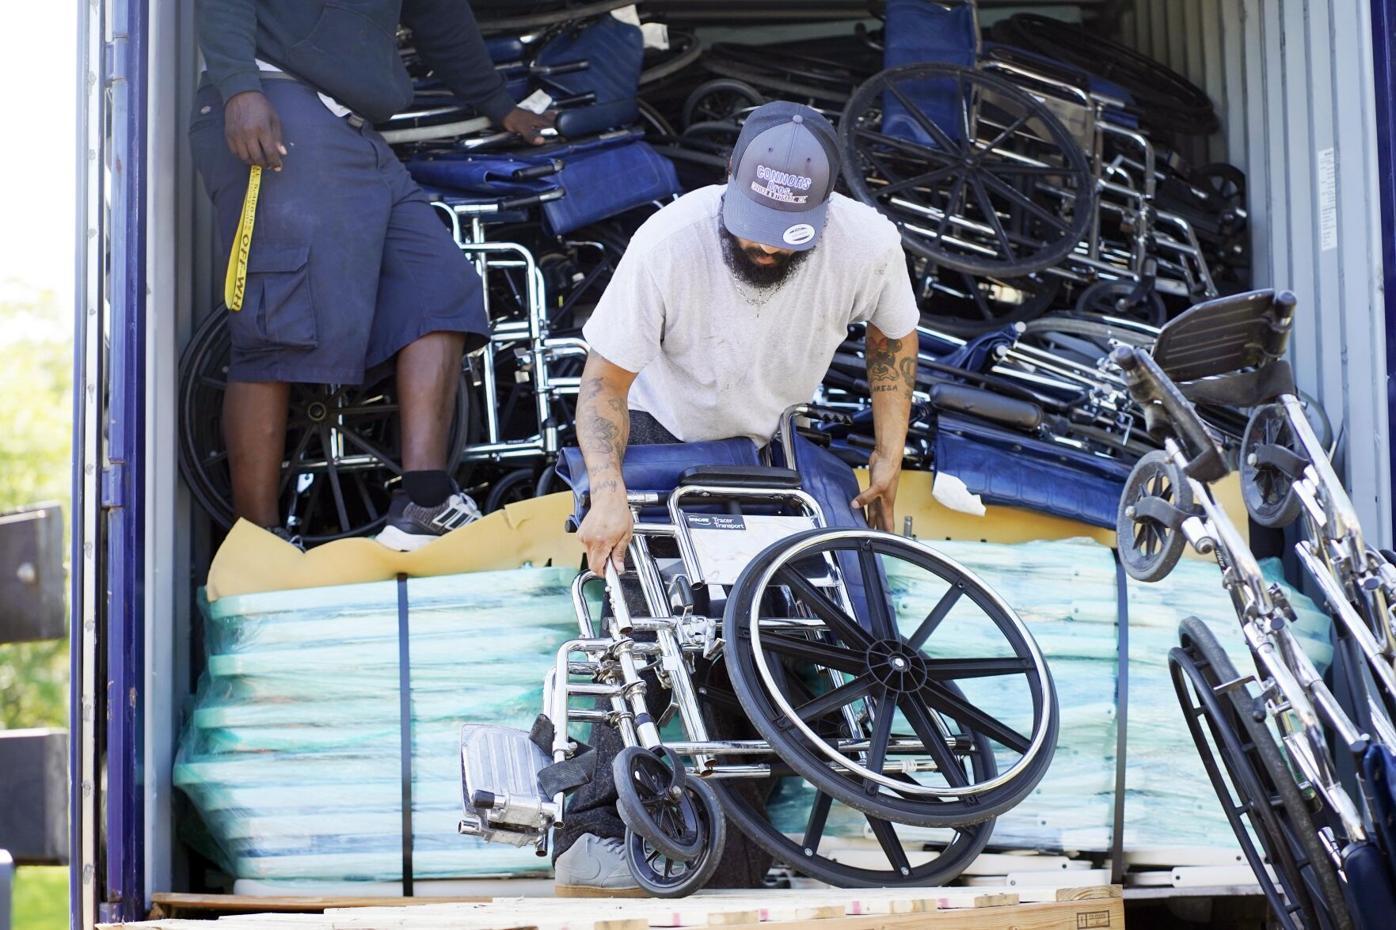 Los motores ponen sillas de ruedas en el camión